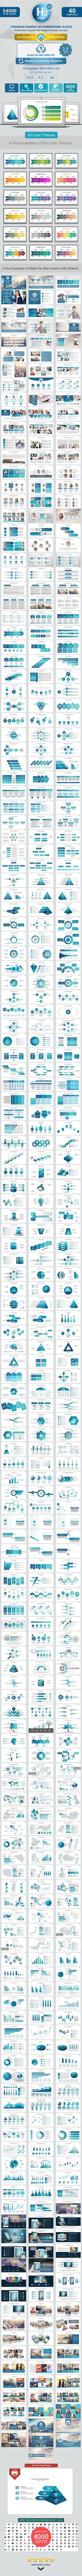 Download here :http://graphicriver.net/item/h2-premium-source-of-powerpoint-slides/11569391?ref=rojdark H2 Premium Source of PowerPoint Slides